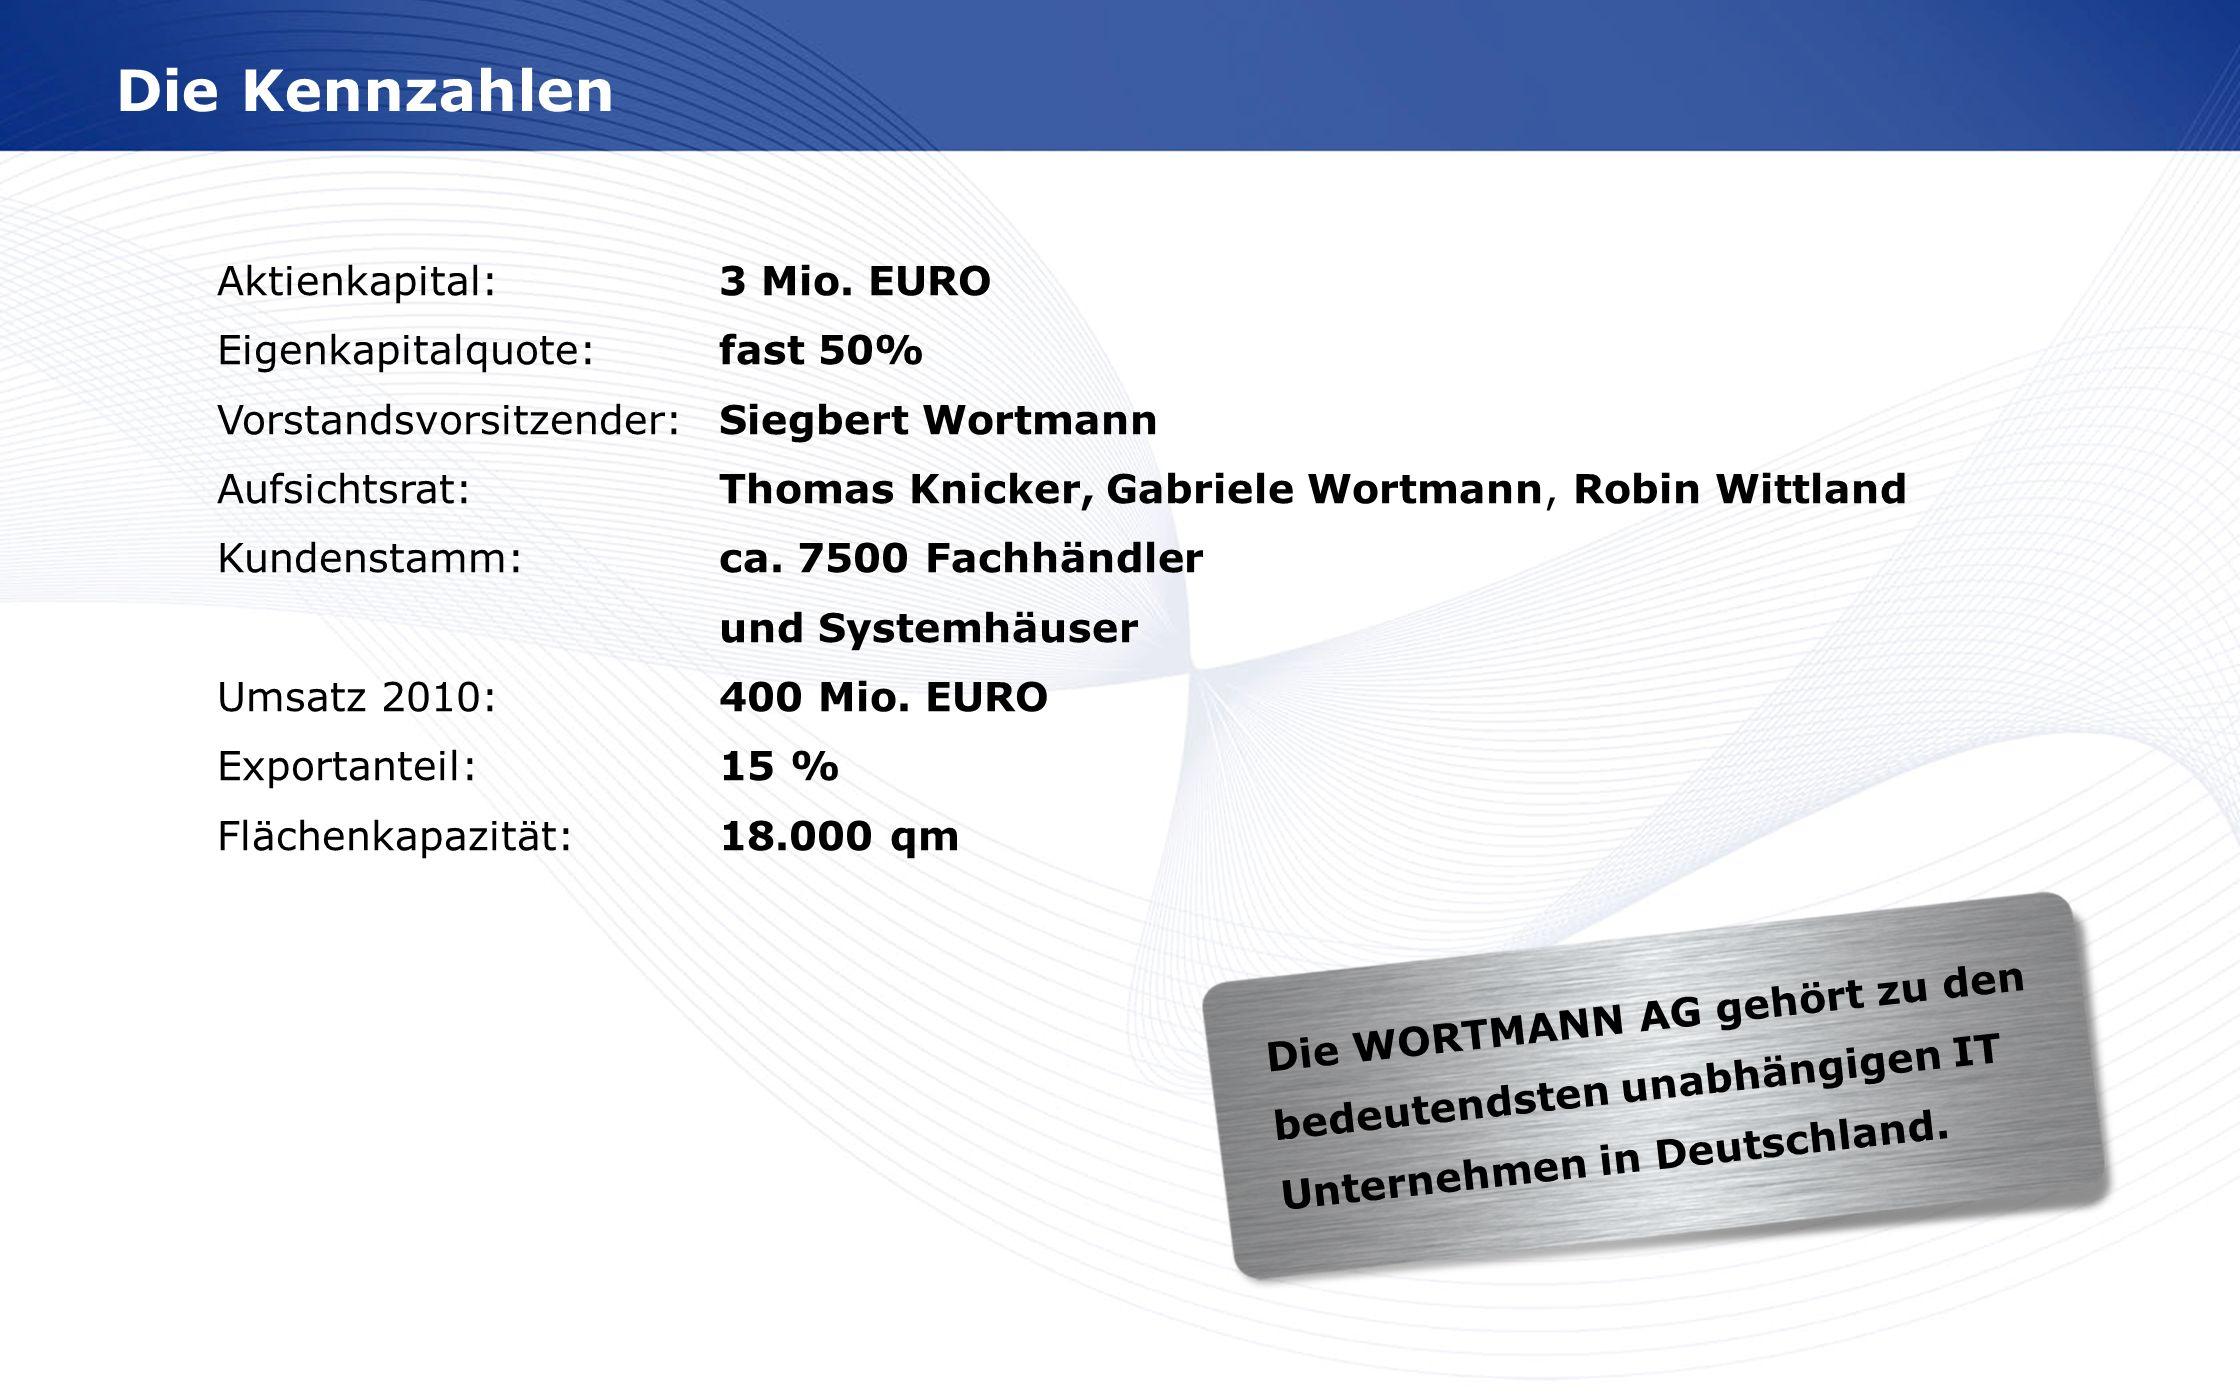 www.wortmann.de Aktienkapital:3 Mio. EURO Eigenkapitalquote:fast 50% Vorstandsvorsitzender:Siegbert Wortmann Aufsichtsrat:Thomas Knicker, Gabriele Wor